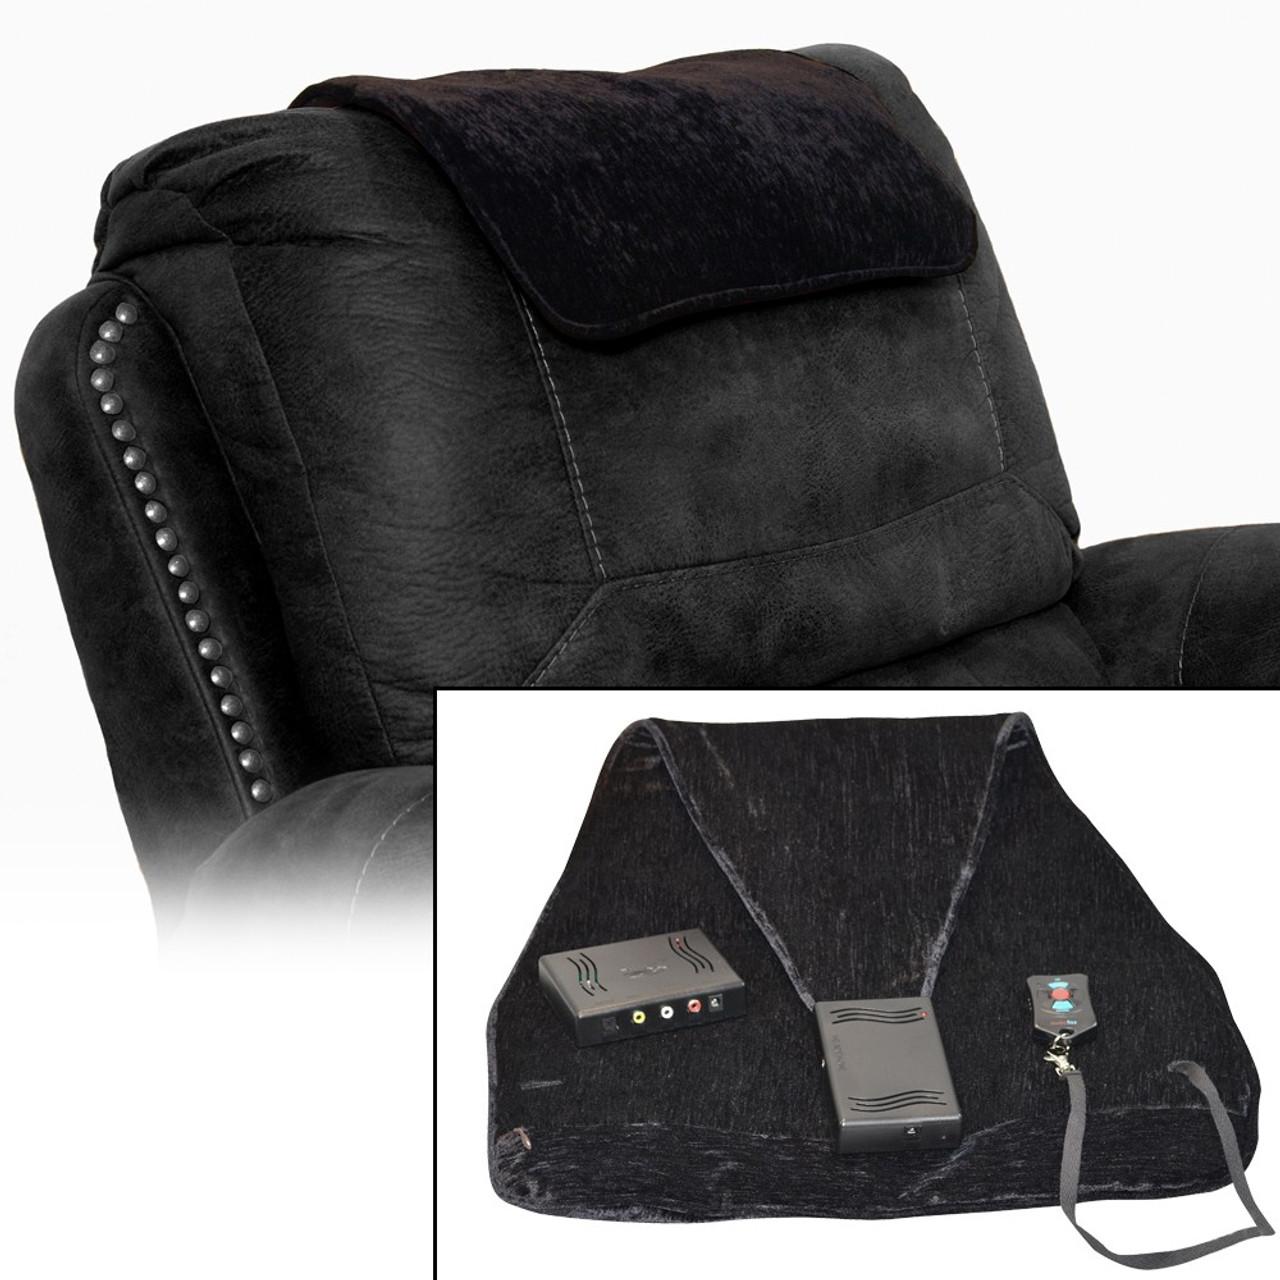 Buy Audio Fox Undercover Wireless TV Speakers Online